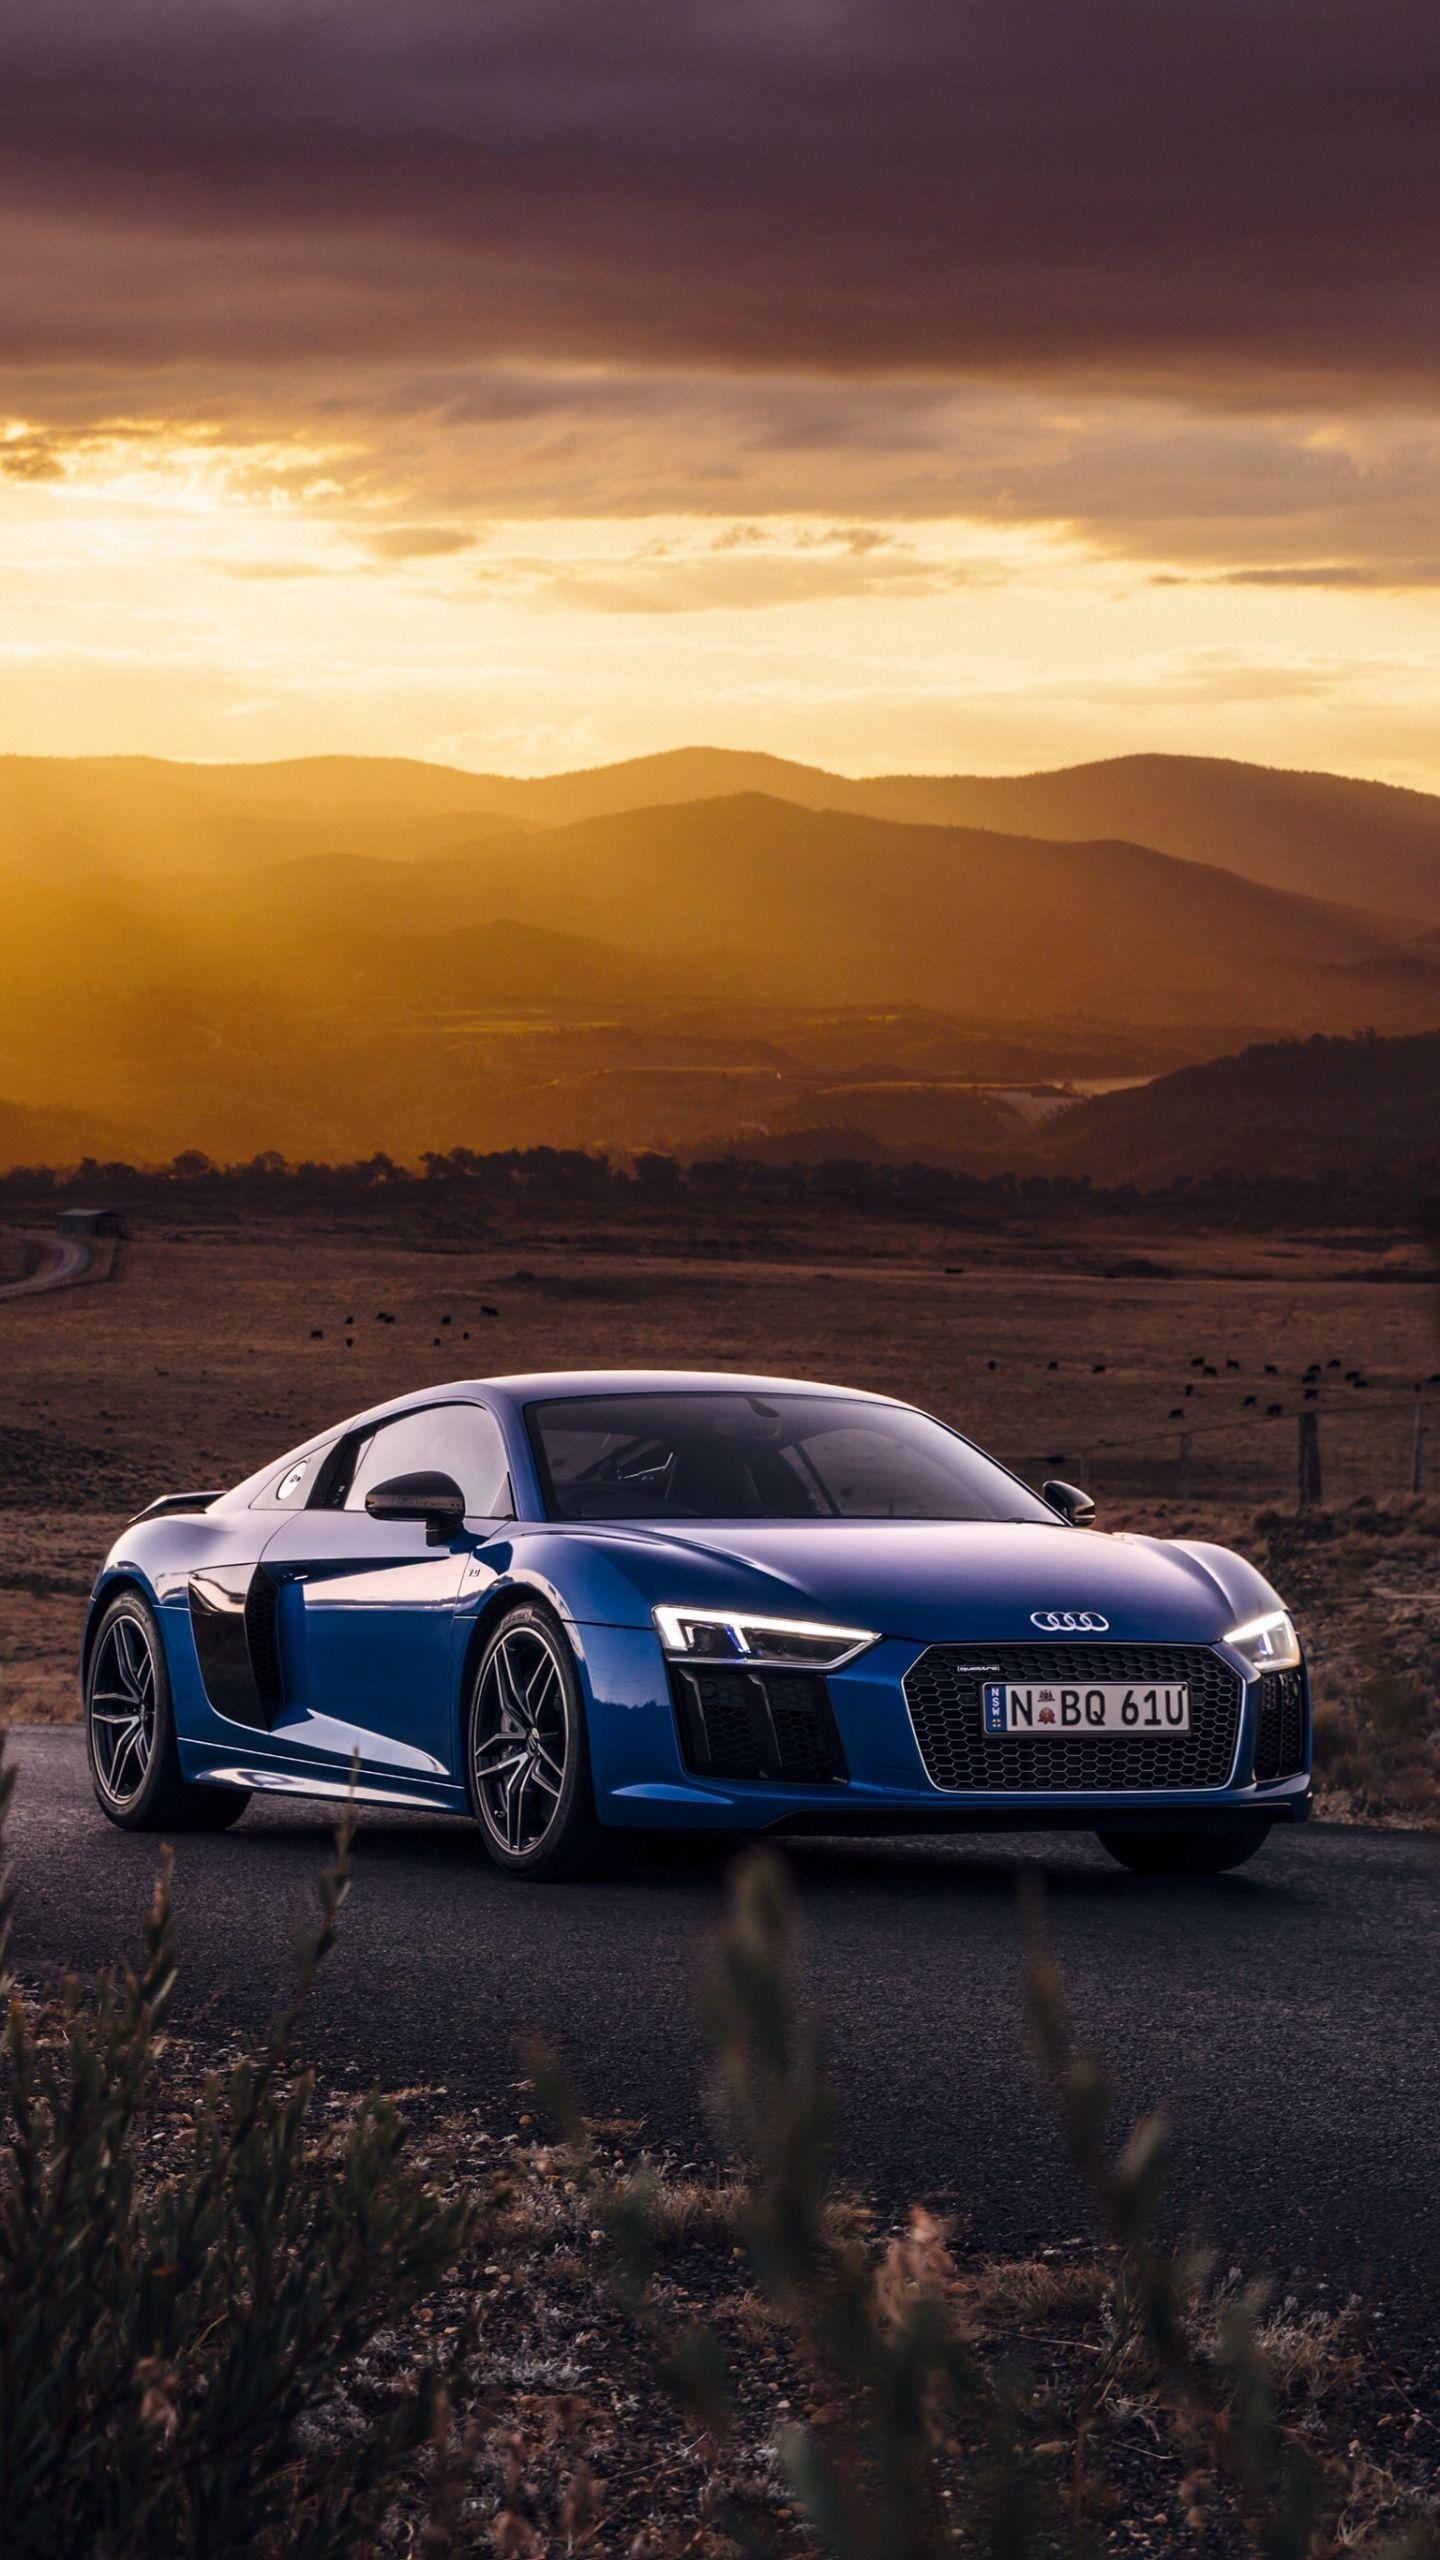 Audi R8 Road Mobile Hd Wallpaper Audi R8 Wallpaper Luxury Cars Audi Audi Cars